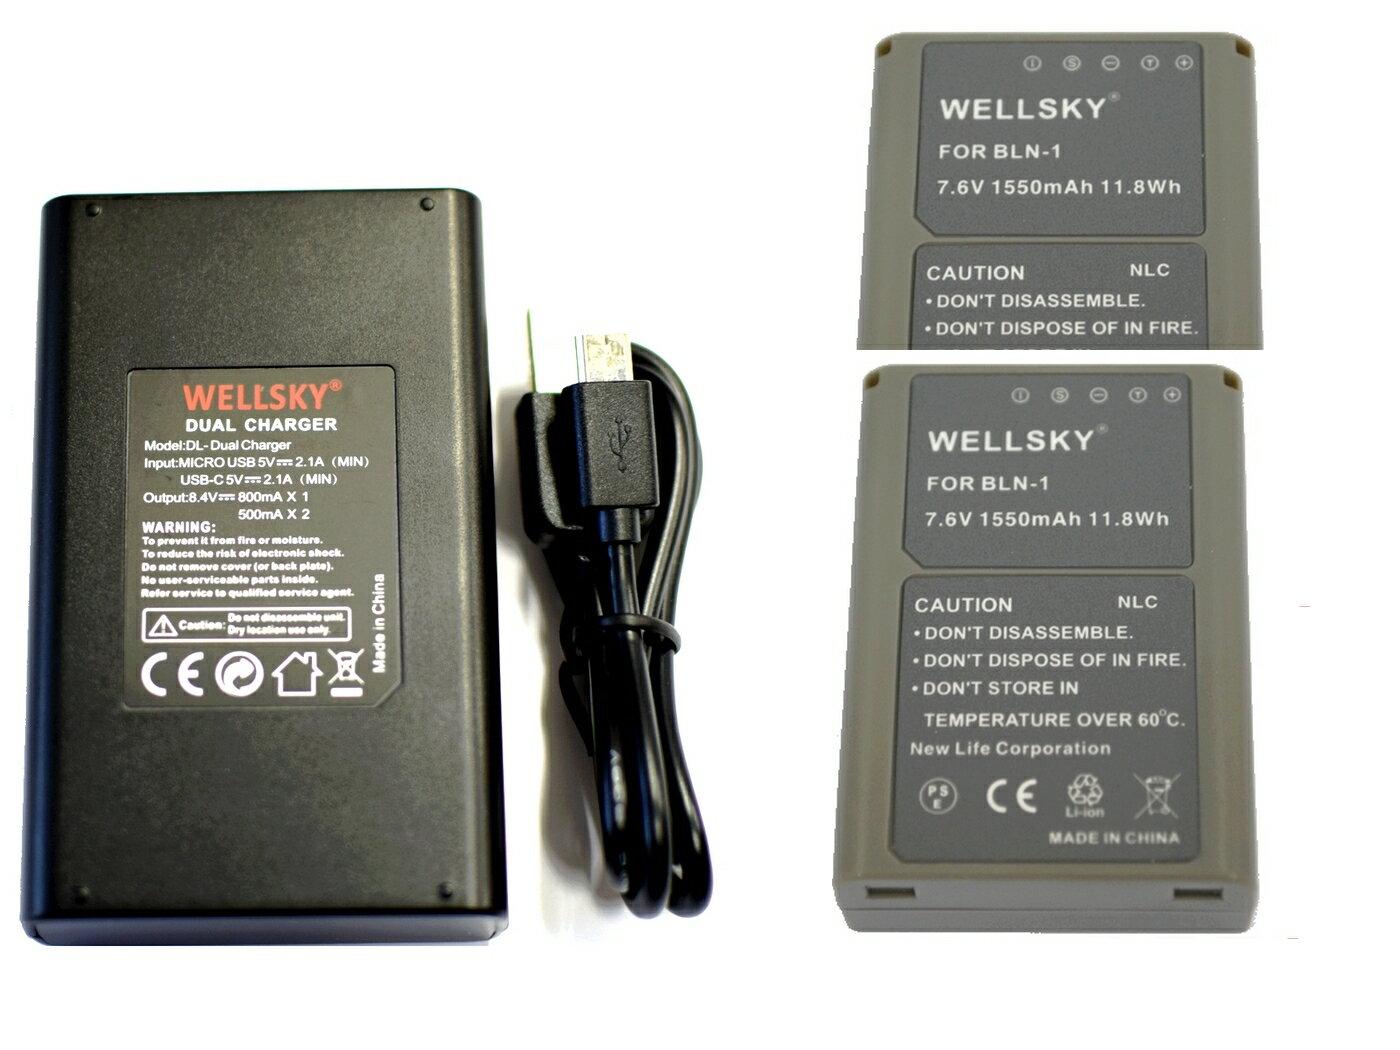 カメラ・ビデオカメラ・光学機器用アクセサリー, 電源・充電器 BLN-1 1550mAh 2 BCN-1 USB Type-C 1 3 OLYMPUS OM-D E-M5 E-P5 E-M1 E-M5 Mark II E-M1X